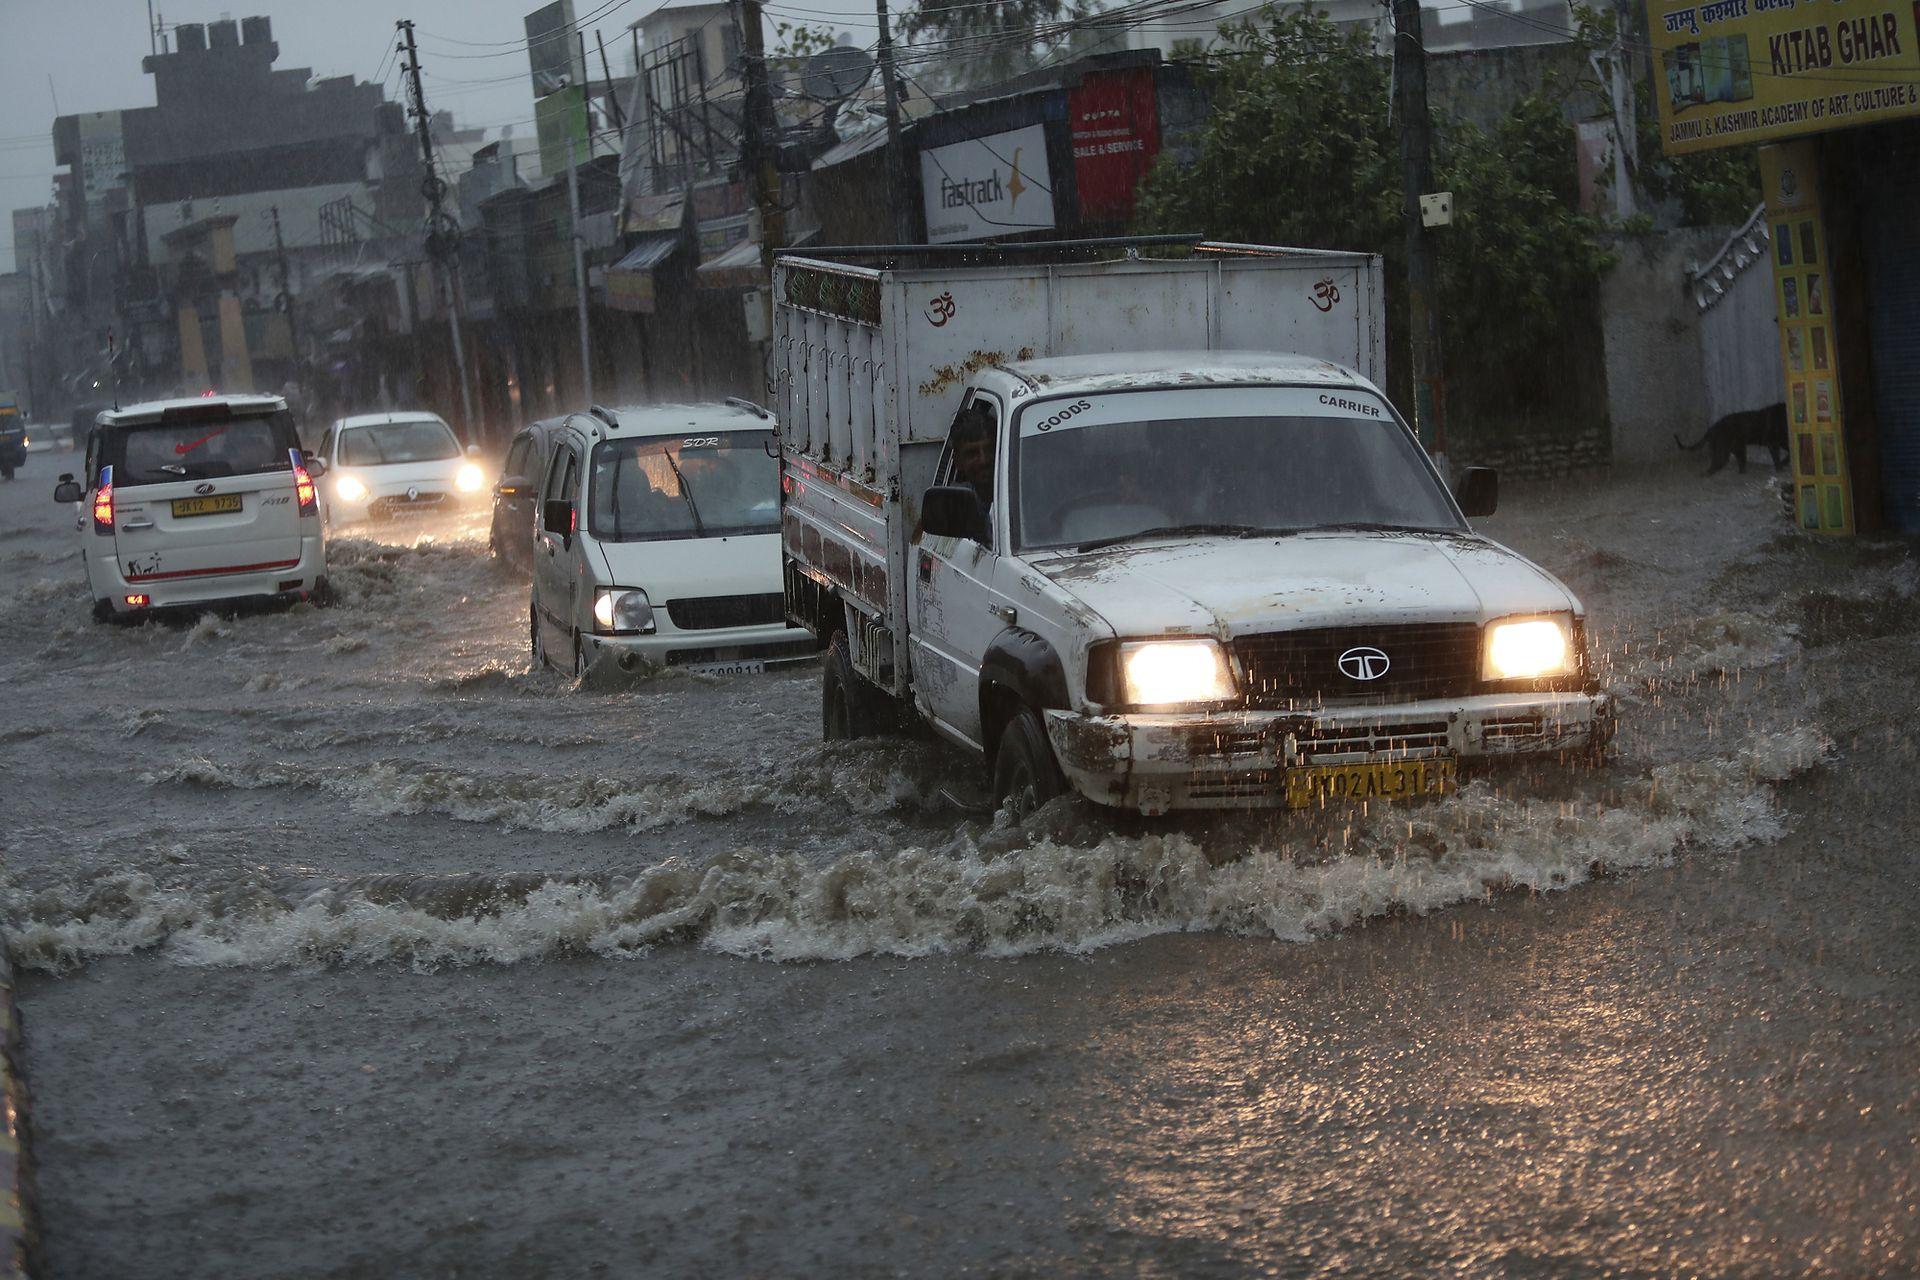 Más de 50 personas murieron por tormentas eléctricas en varios estados de la India, de los cuales 11 estaban en un antiguo fuerte de Rajastán